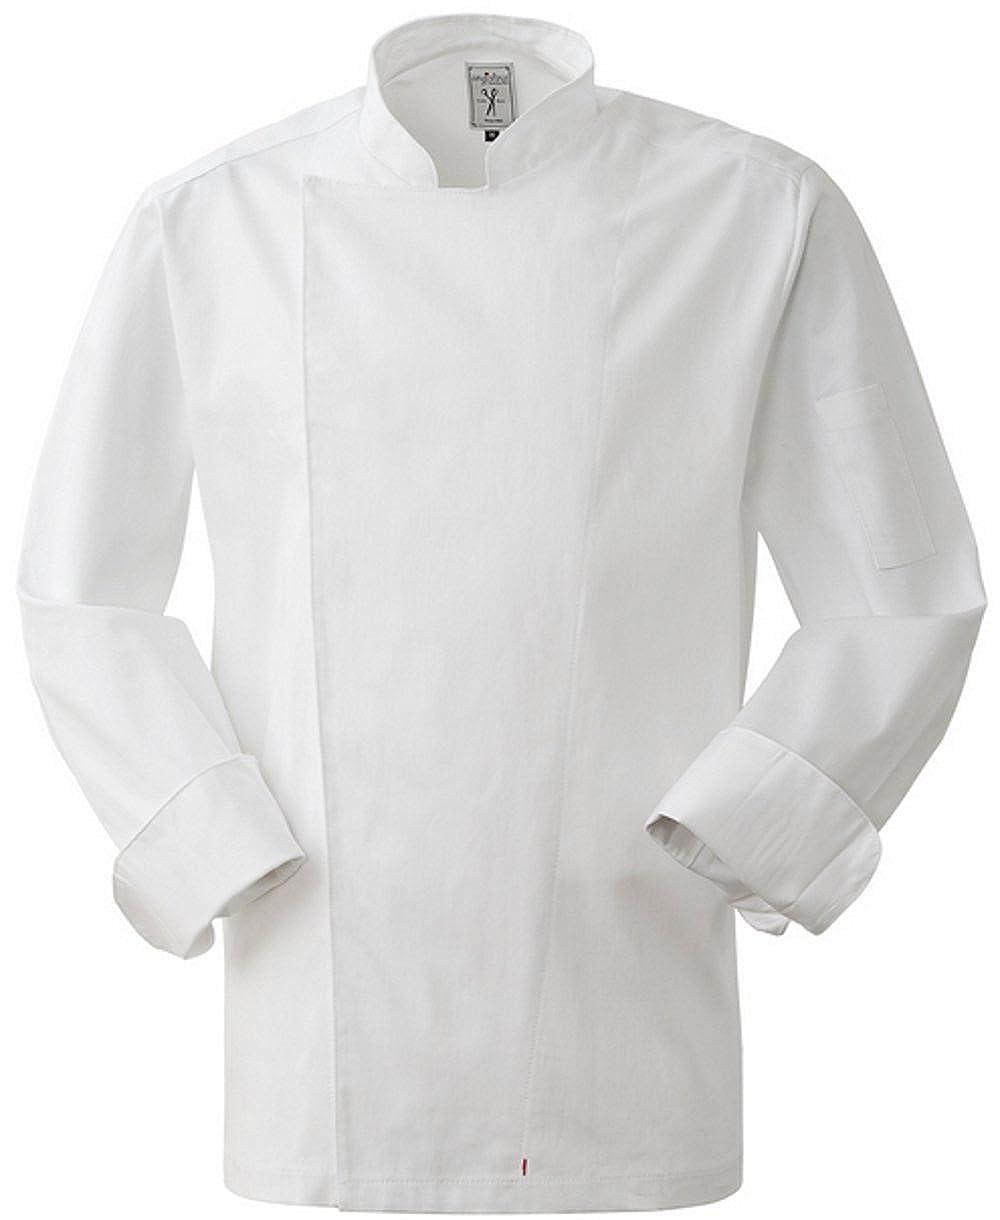 Giacca cuoco bianca con bottoncini a pressione MG0801 02